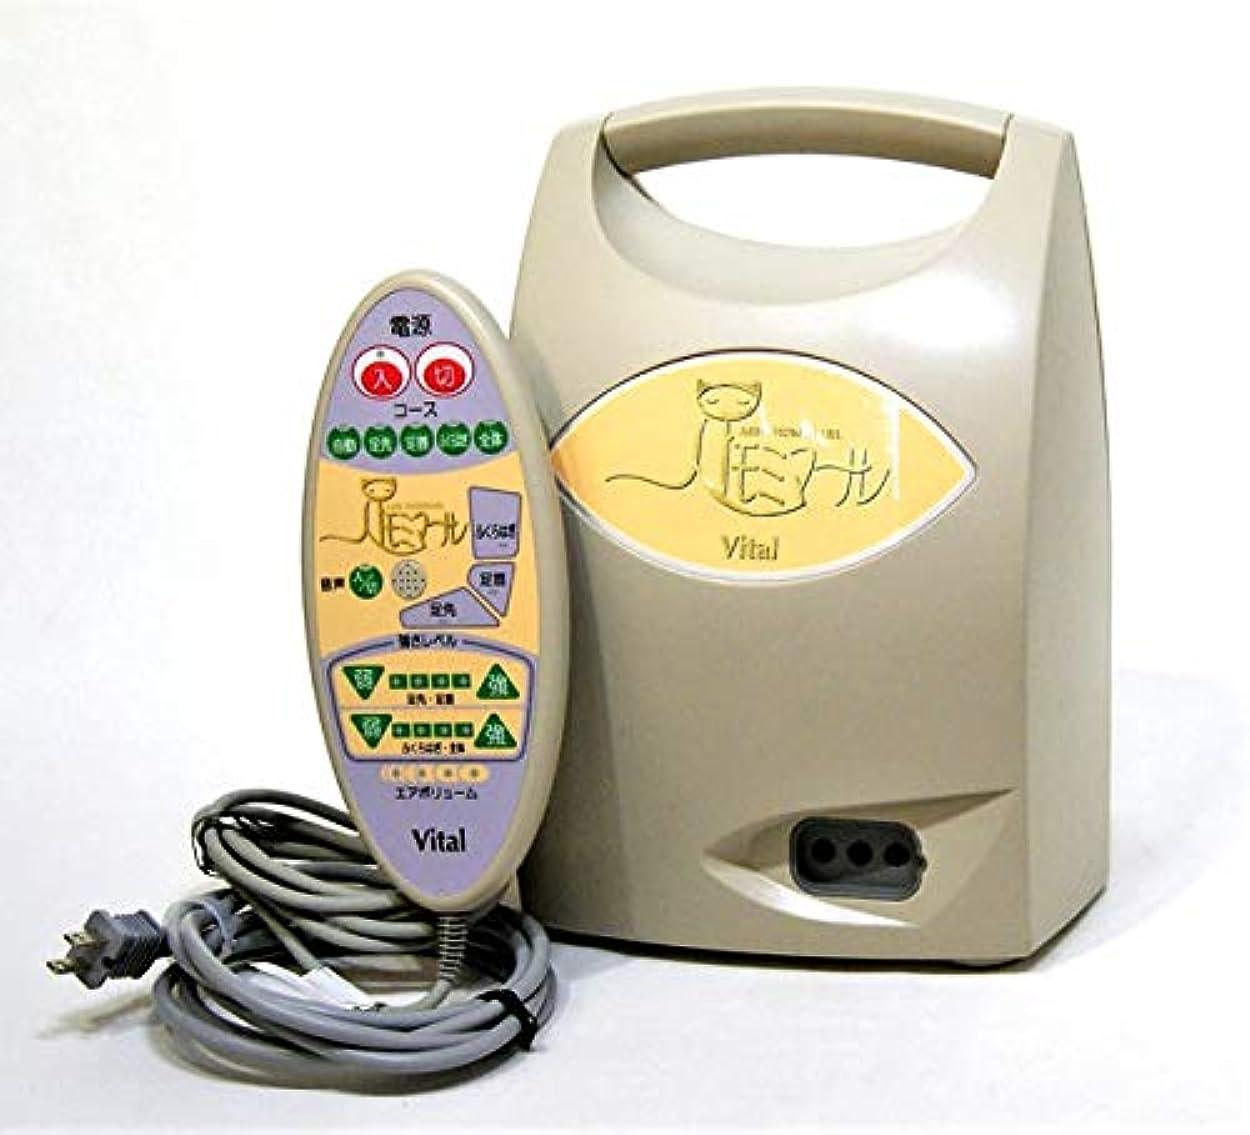 晴れ異邦人ジェスチャーMARUTAKA マルタカ ARM-01 足モミマール エアフットマッサージ機 Vital バイタル ASHI MOMIMARL